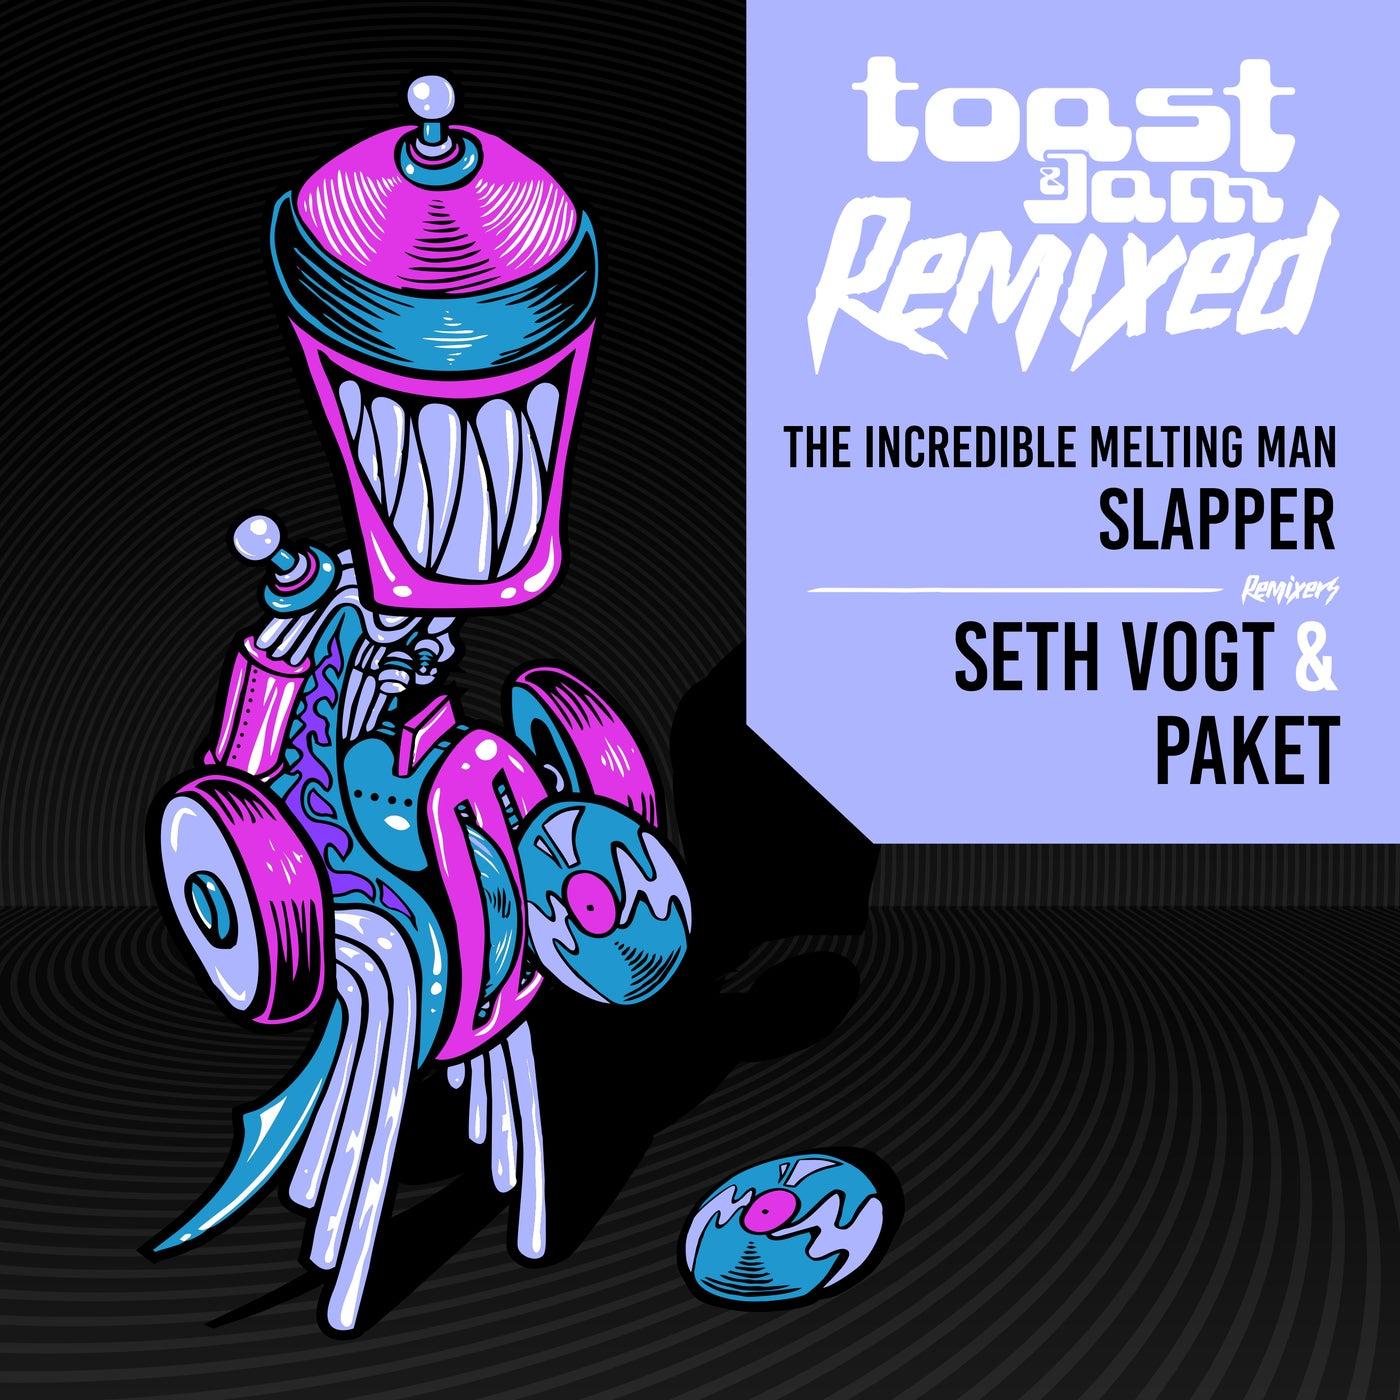 Slapper (Seth Vogt Remix)